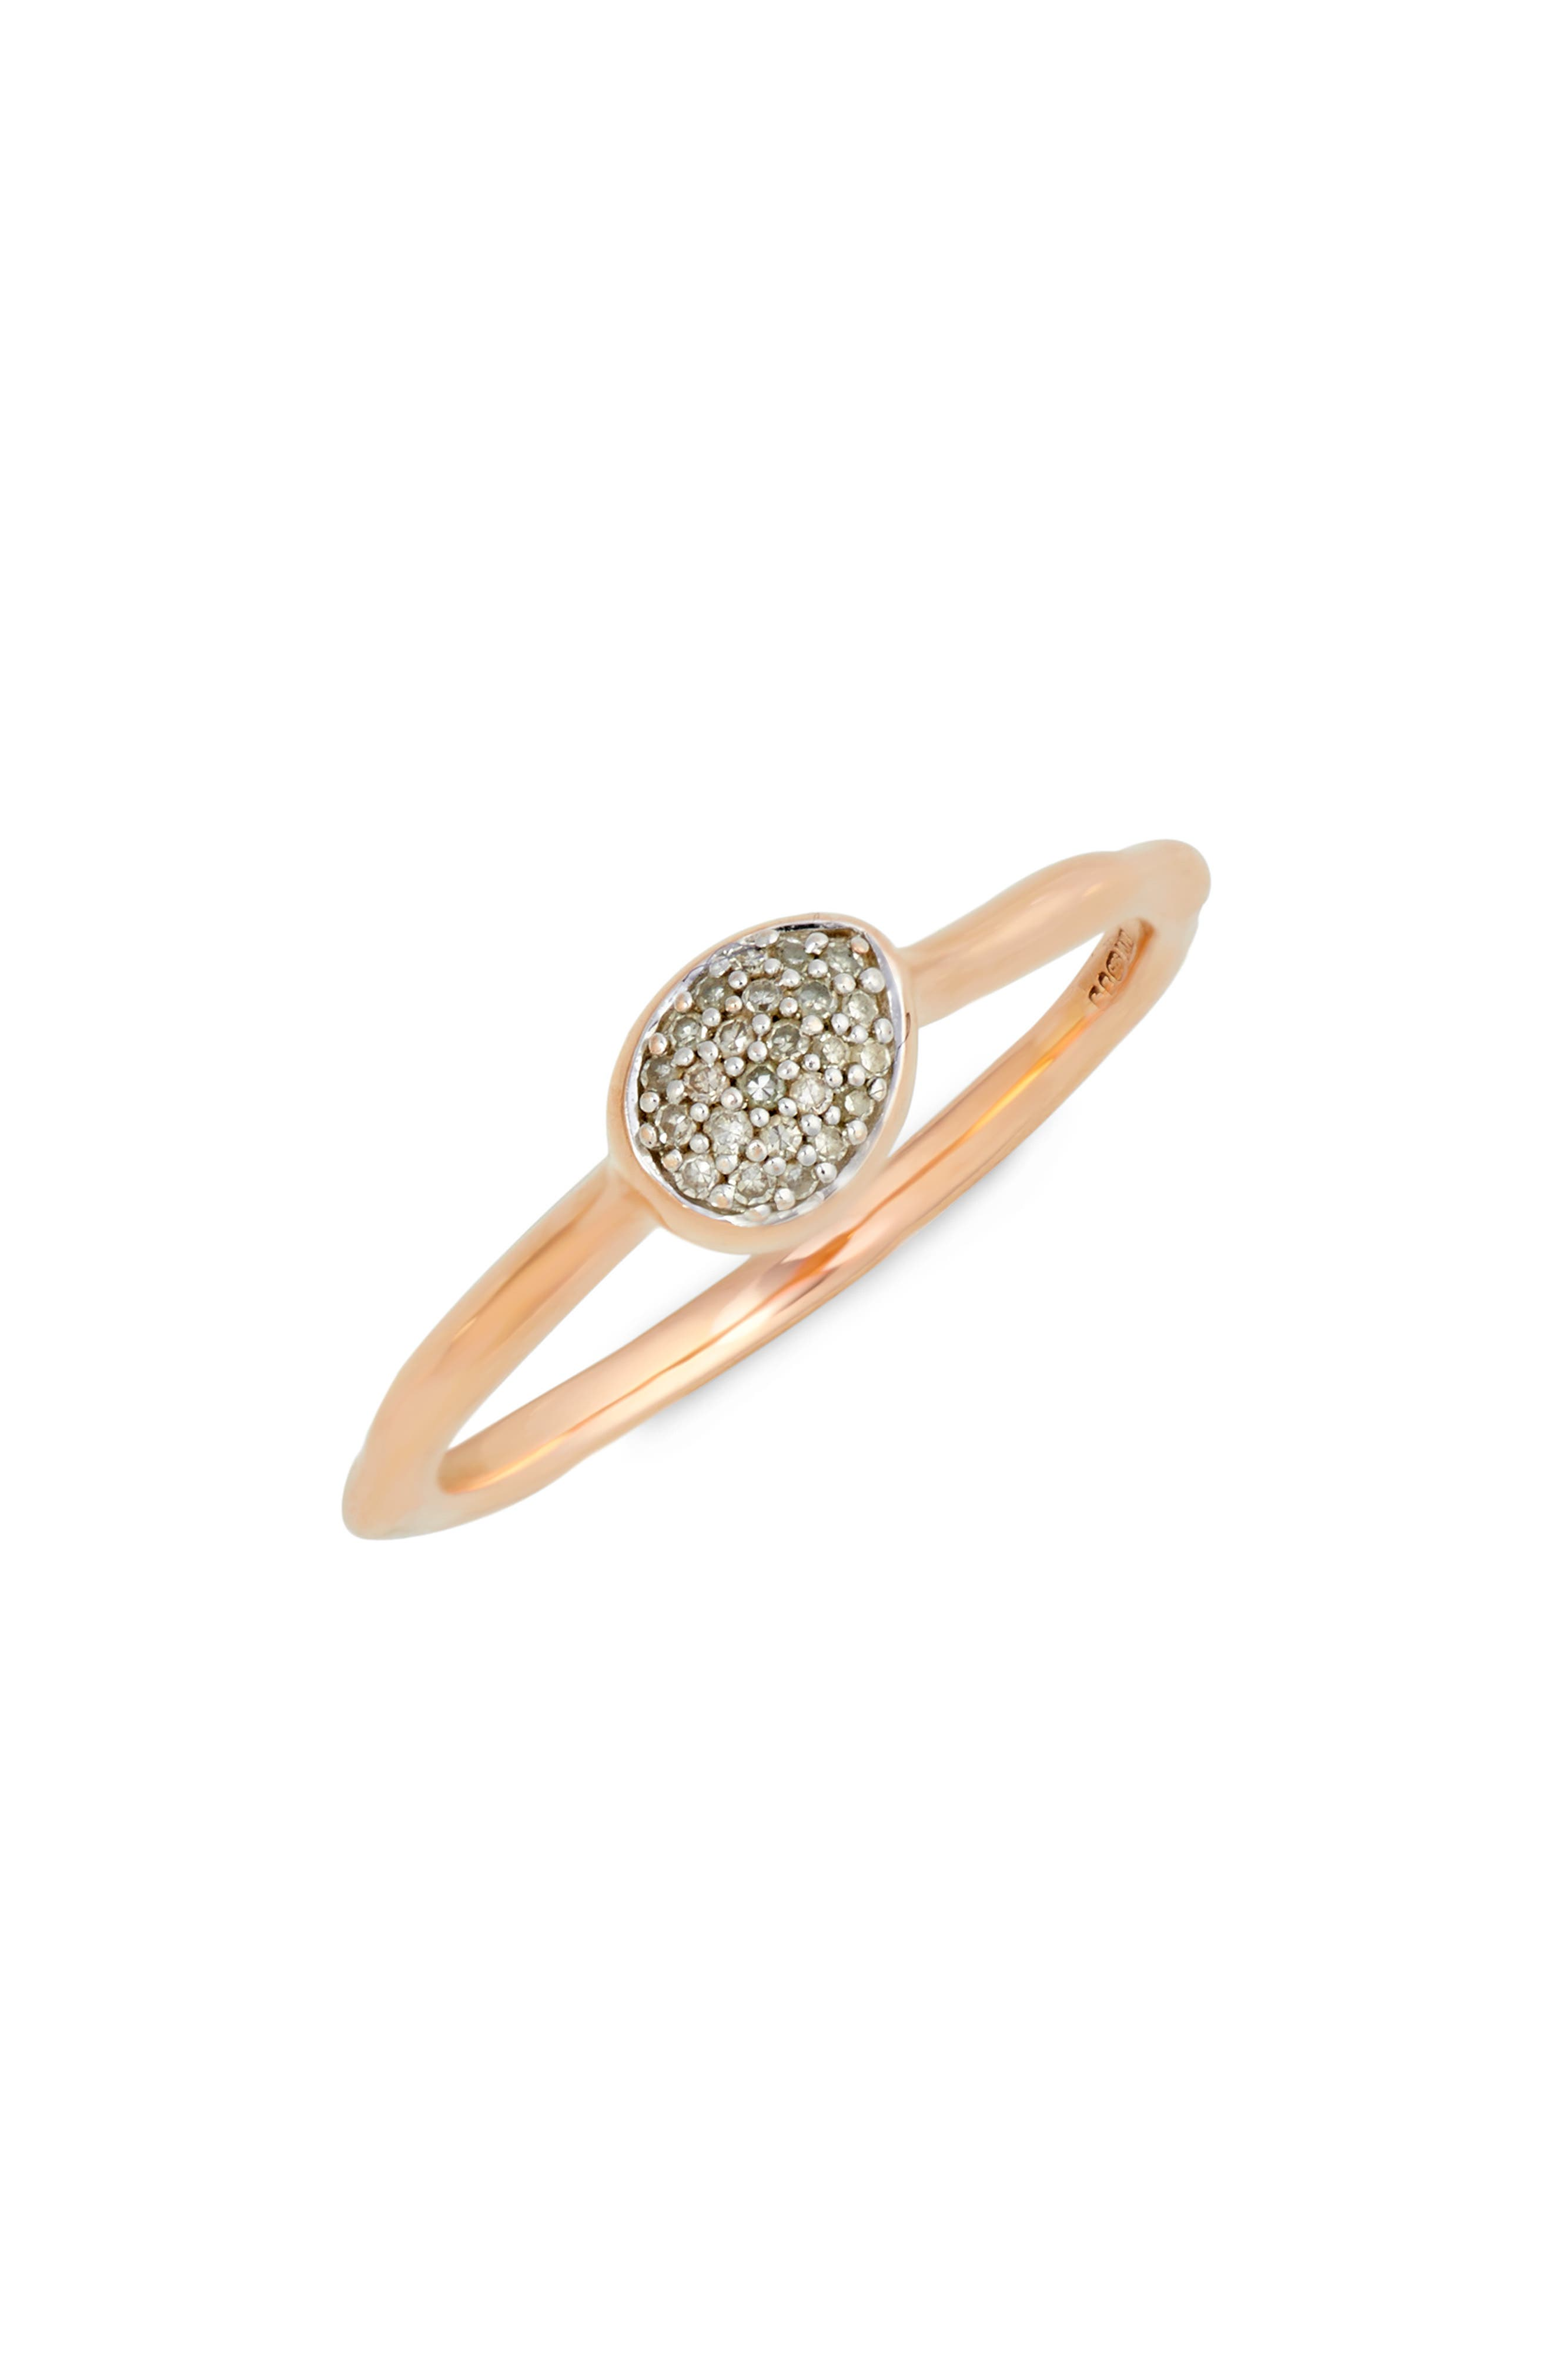 Alternate Image 1 Selected - Monica Vinader Siren Small Pavé Diamond Stacking Ring